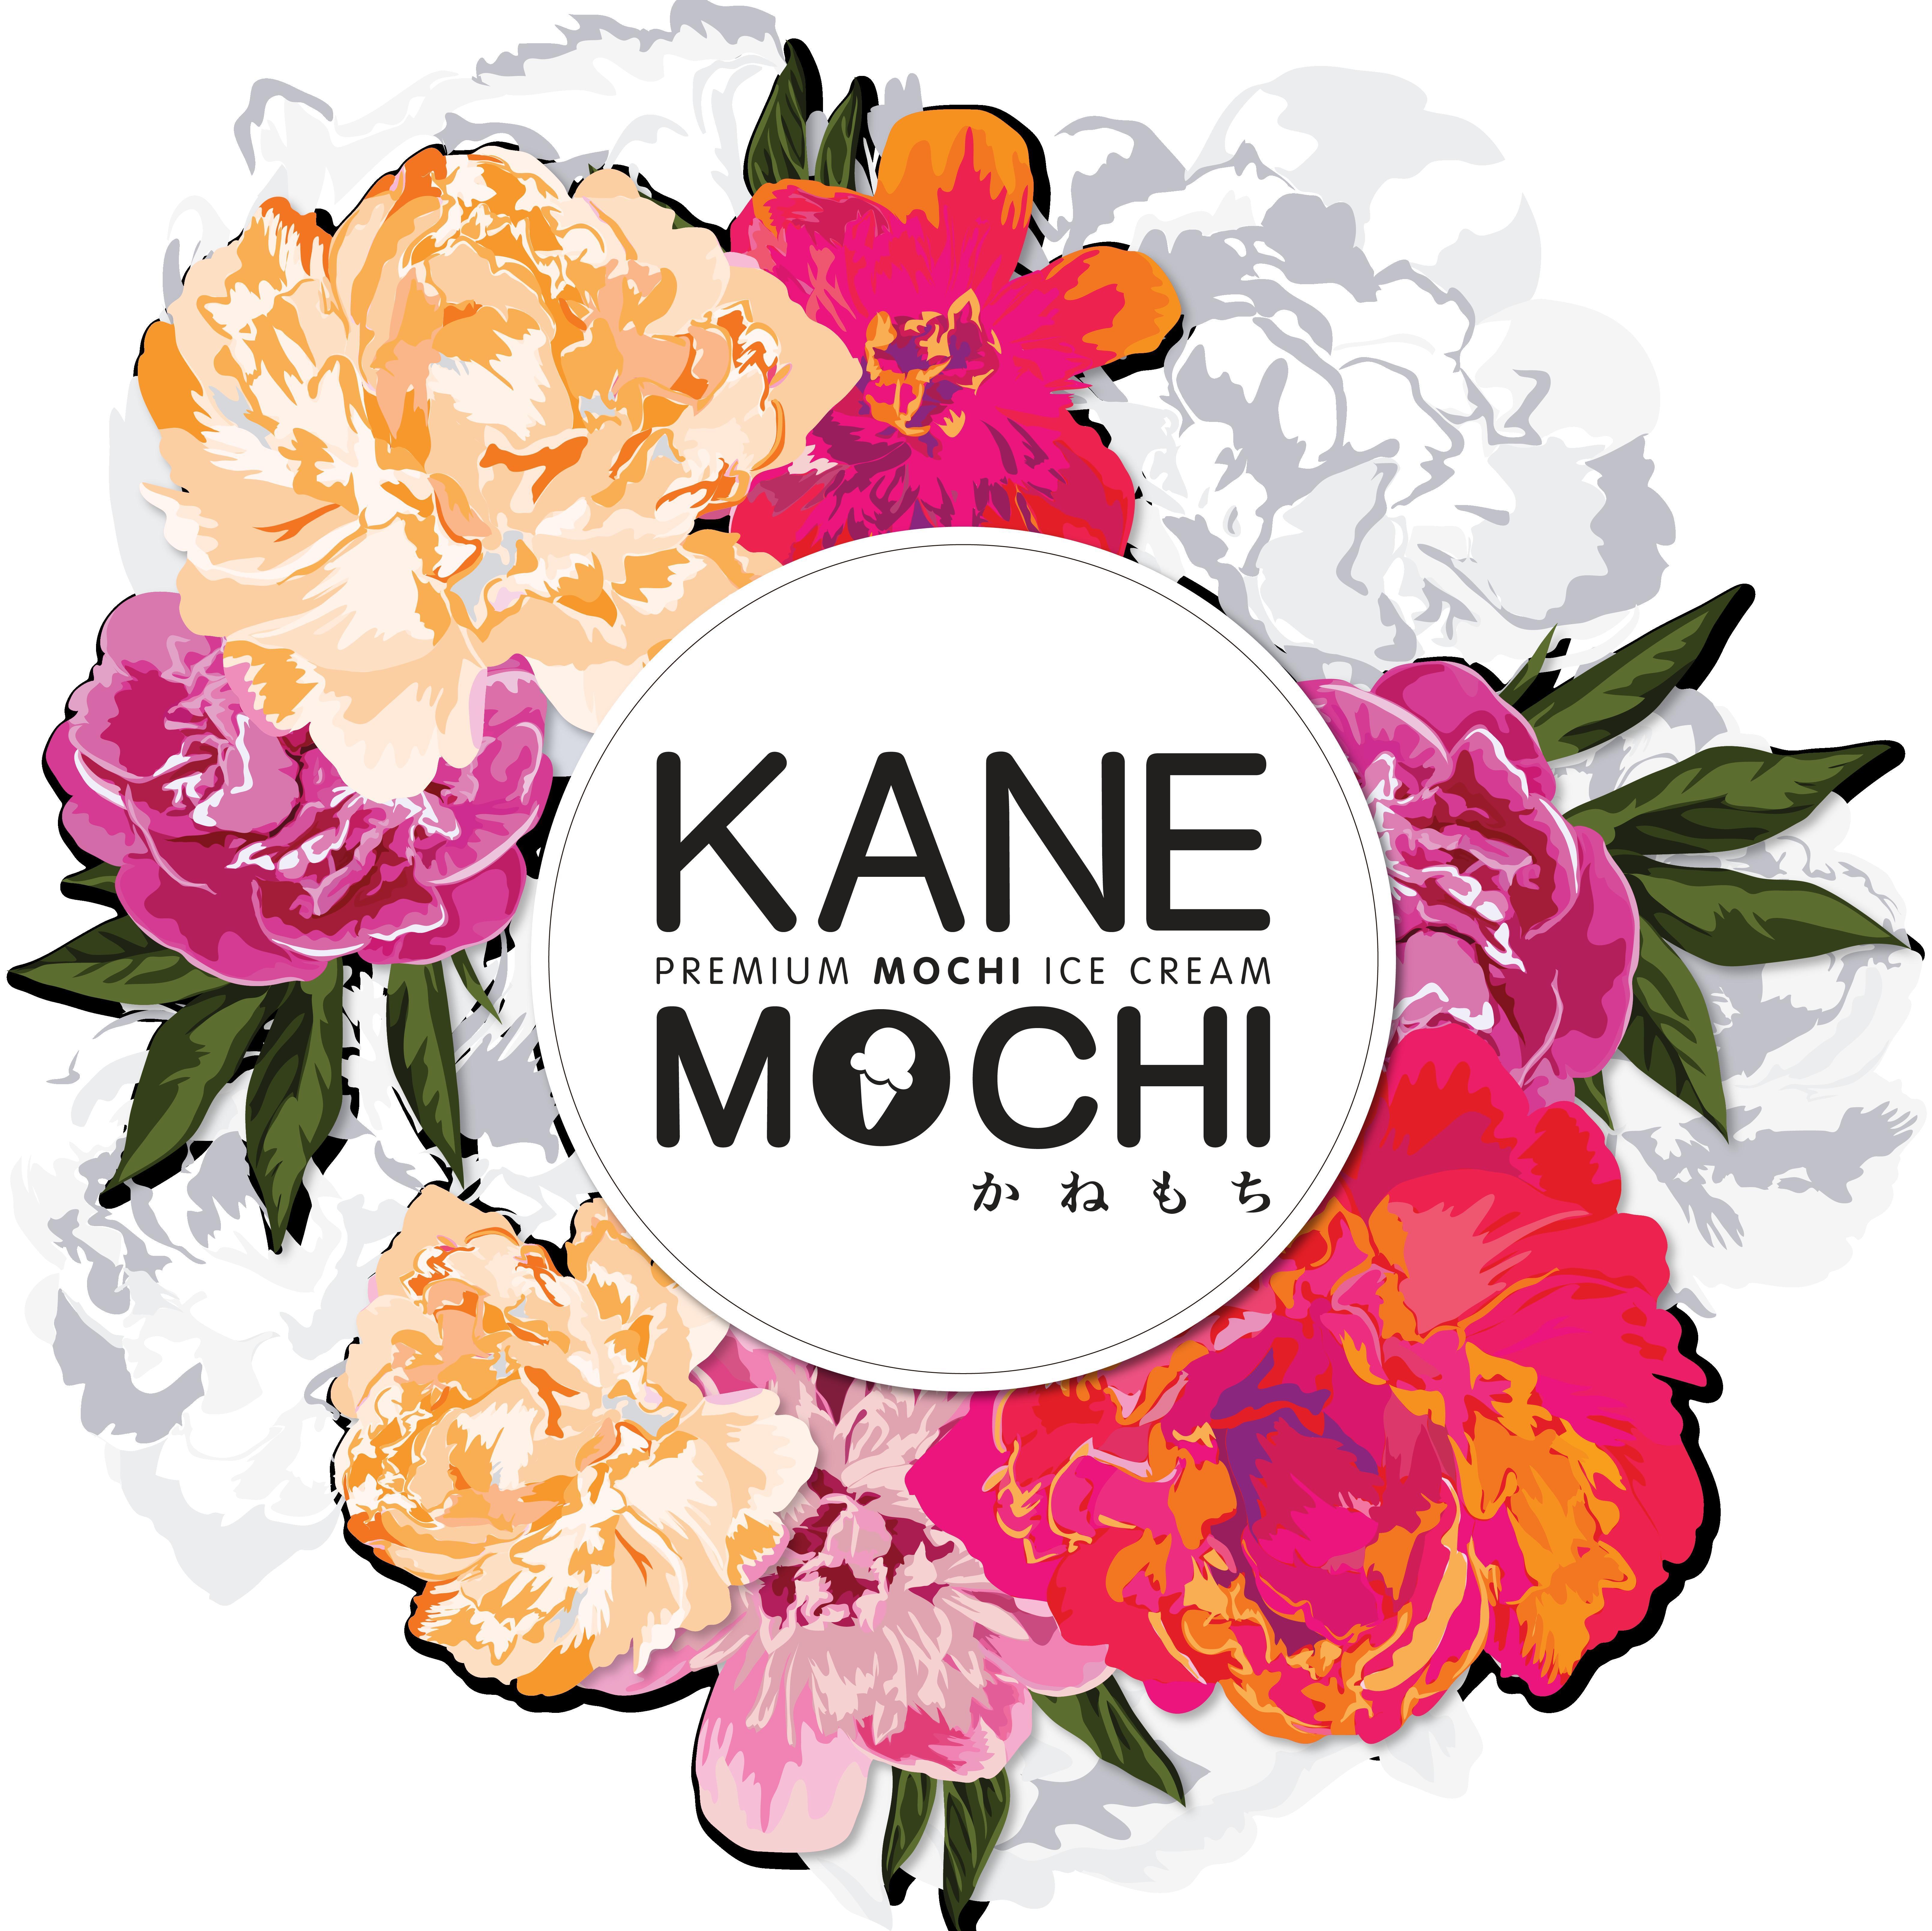 KANE MOCHI